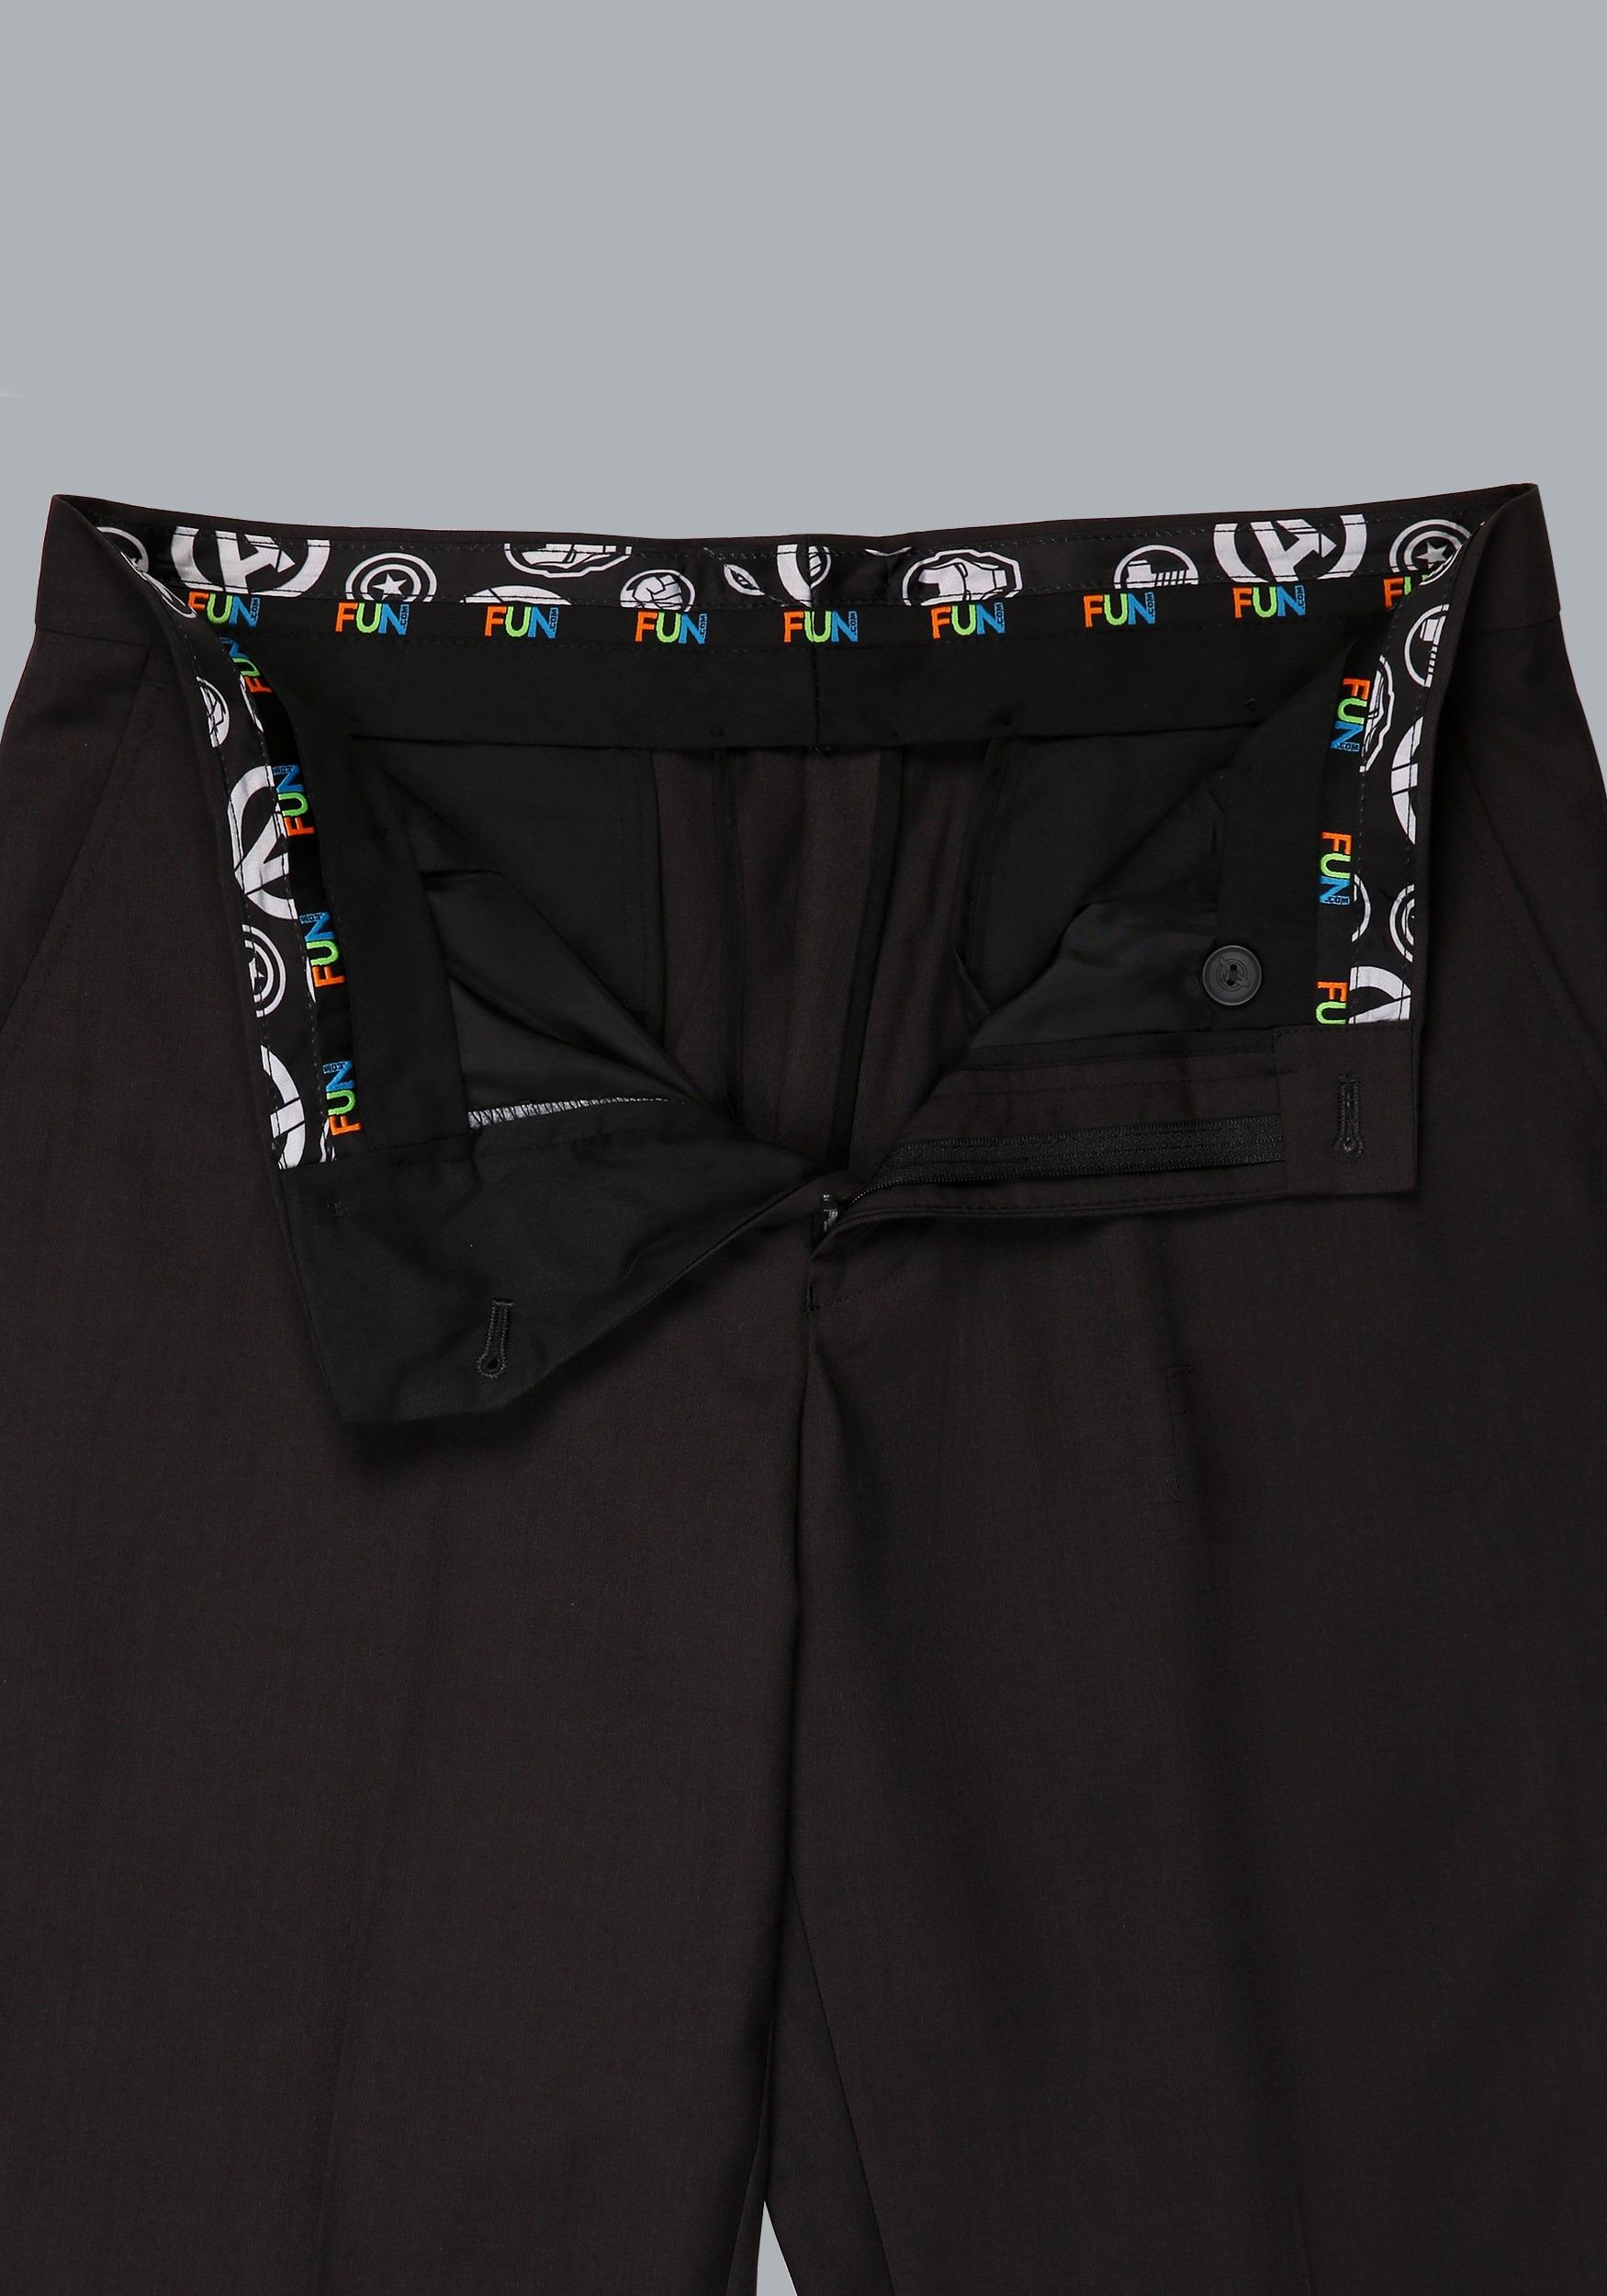 Avengers Slim Fit Suit Pants (Secret Identity)2